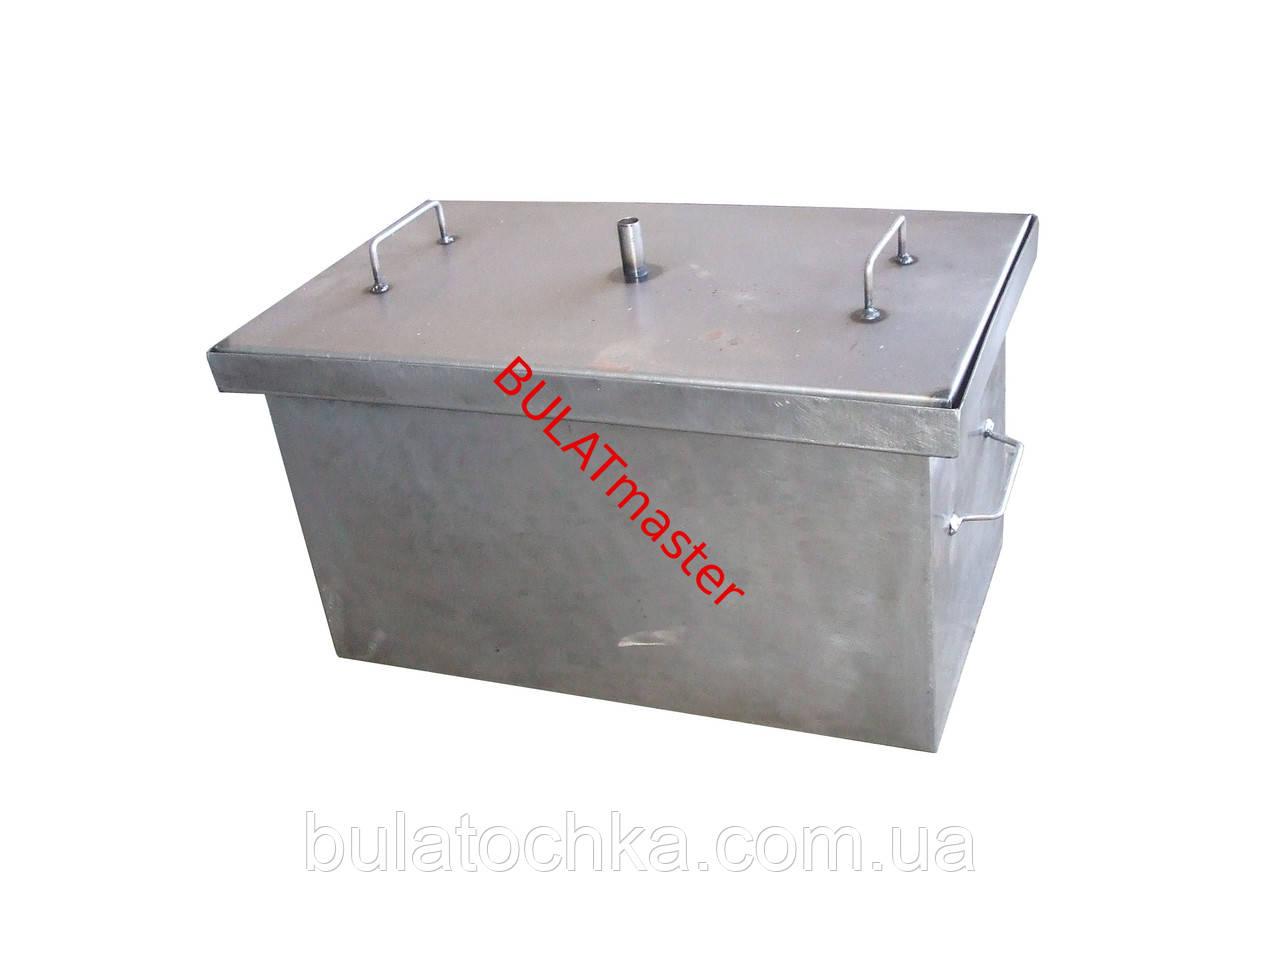 Купить коптильня для горячего копчения с гидрозатвором в самогонные аппараты самый простой